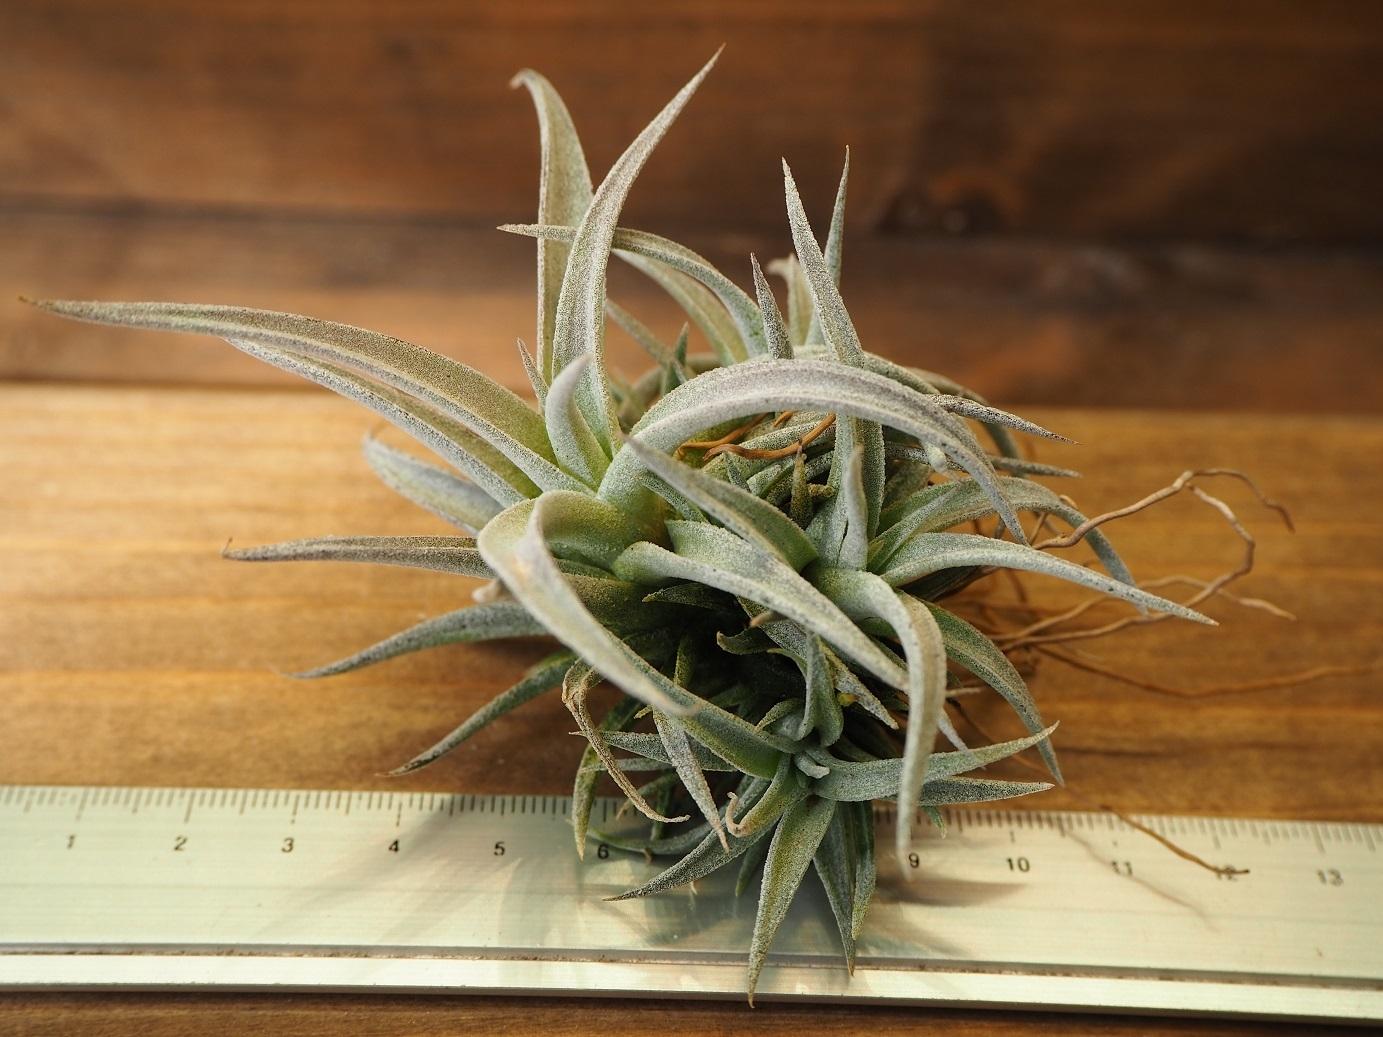 チランジア / チアペンシス (T.chiapensis) CL株